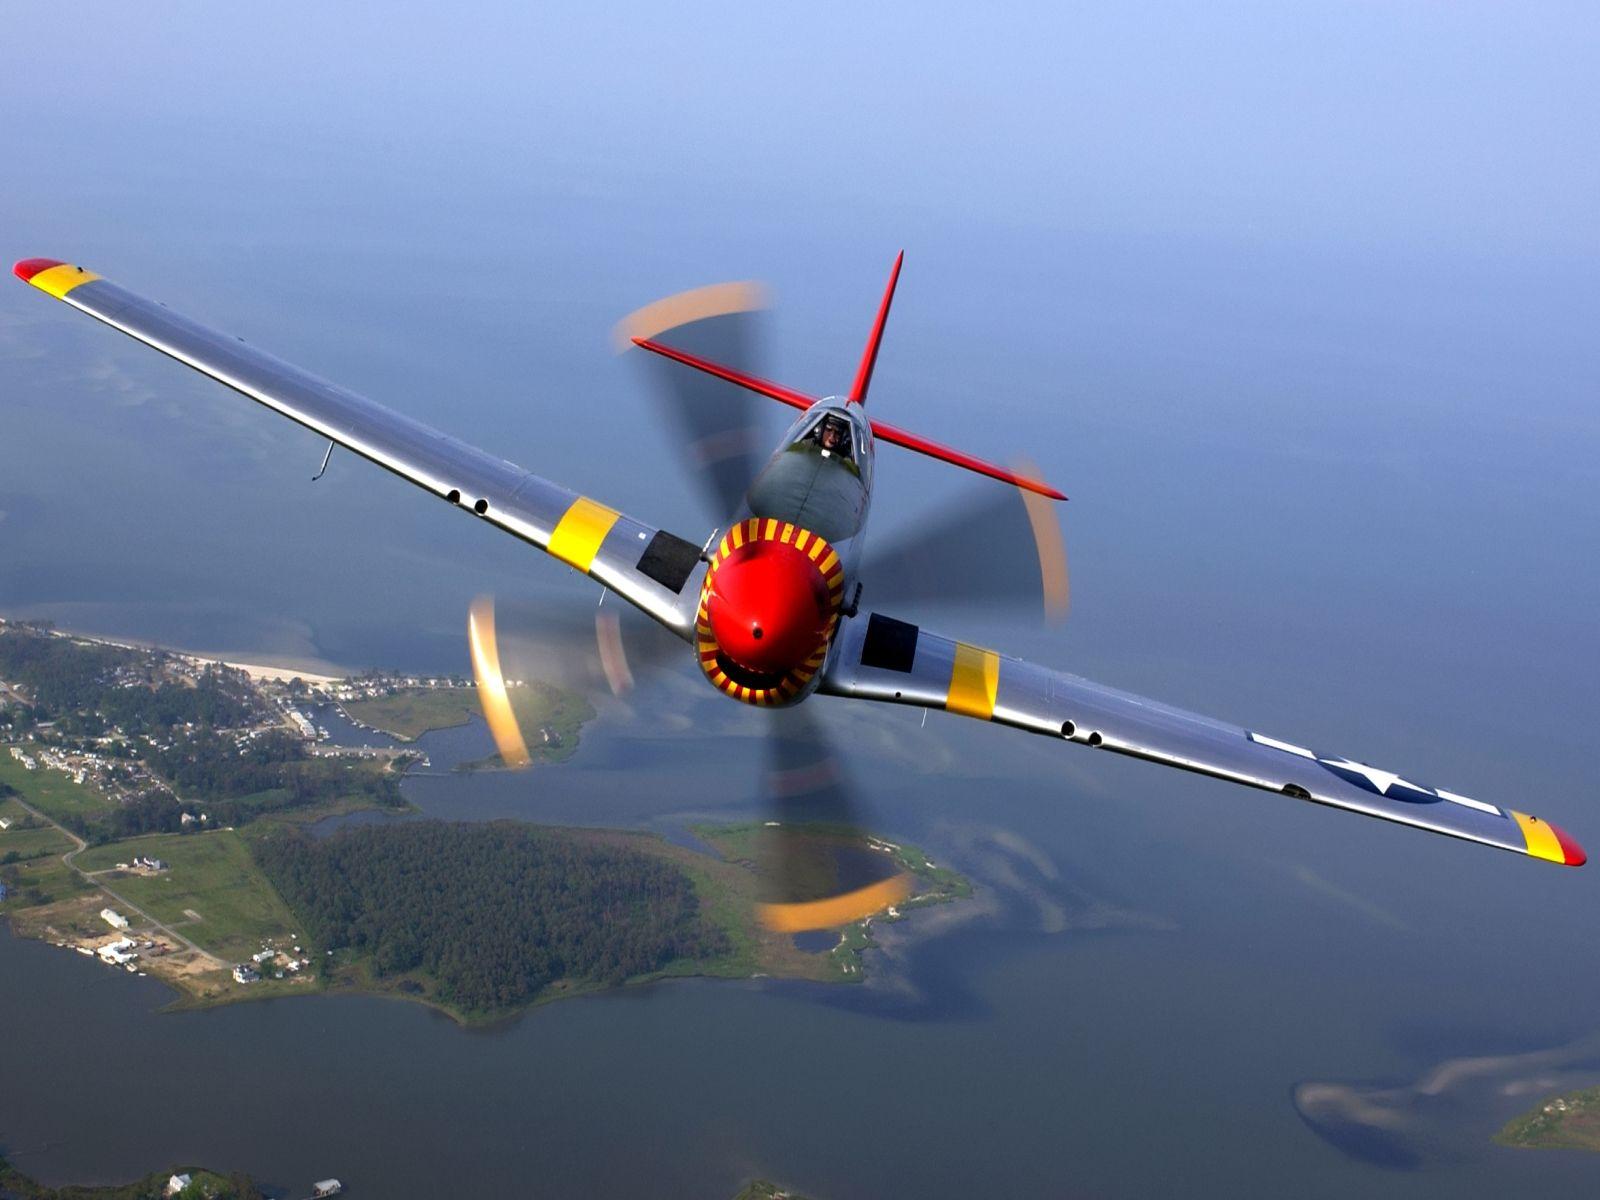 51 Mustang Aircraft Planes 1600x1200